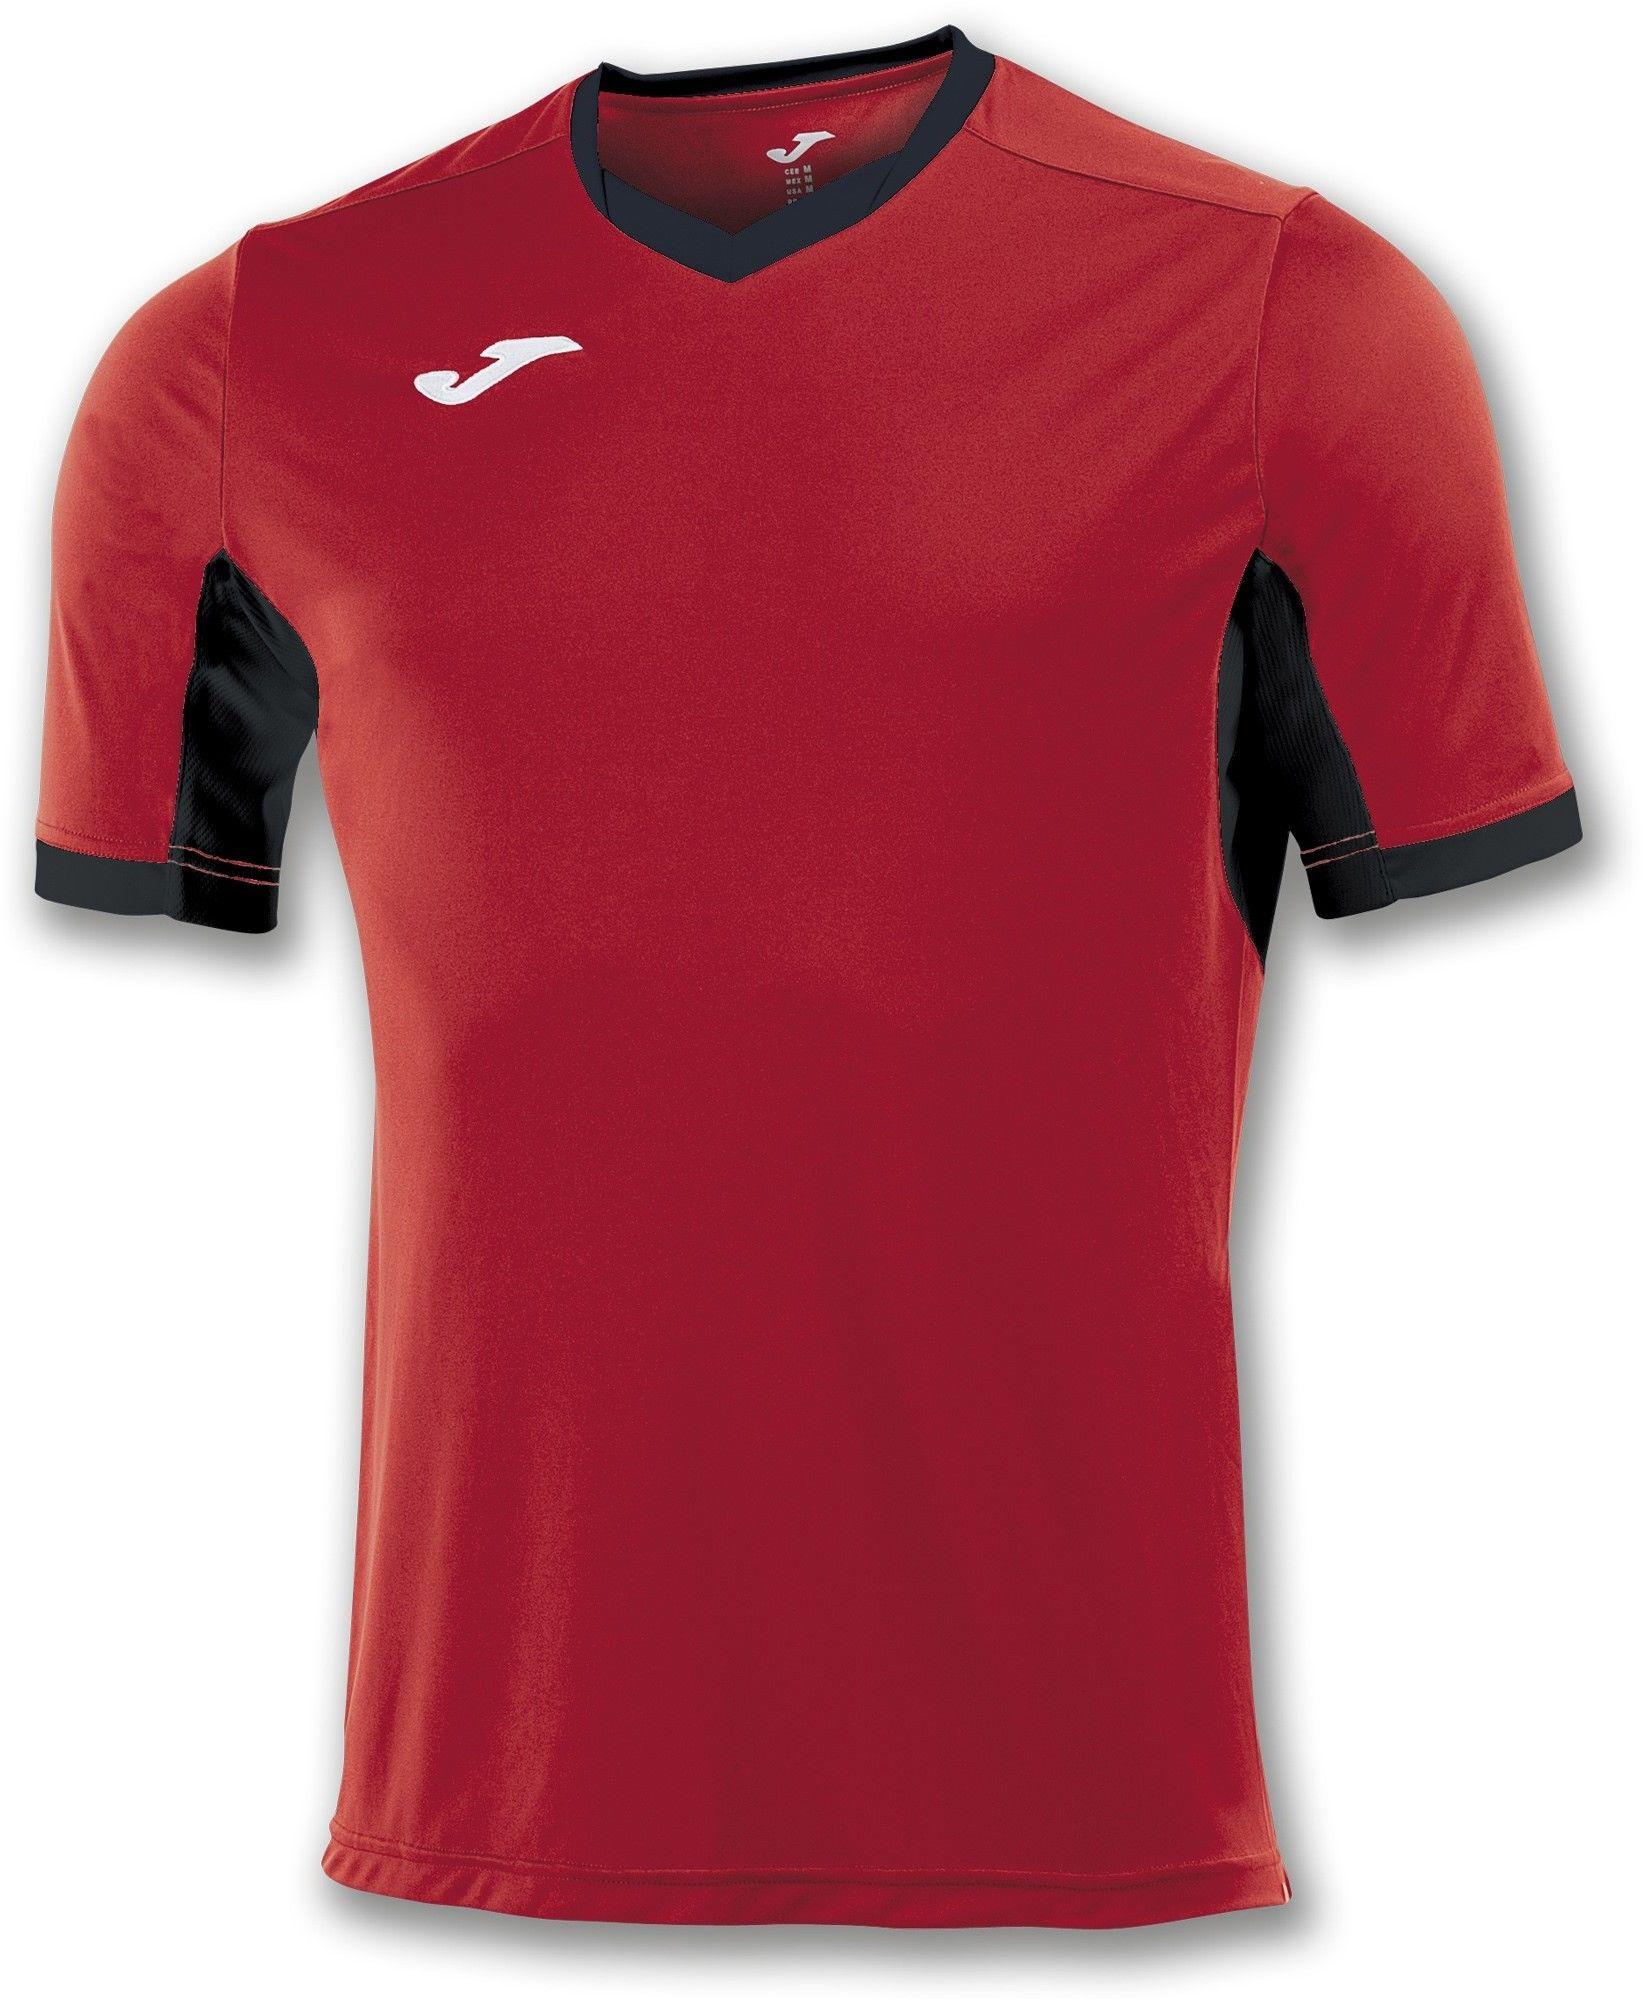 Koszulka Joma Champion IV red/black (10 szt.)